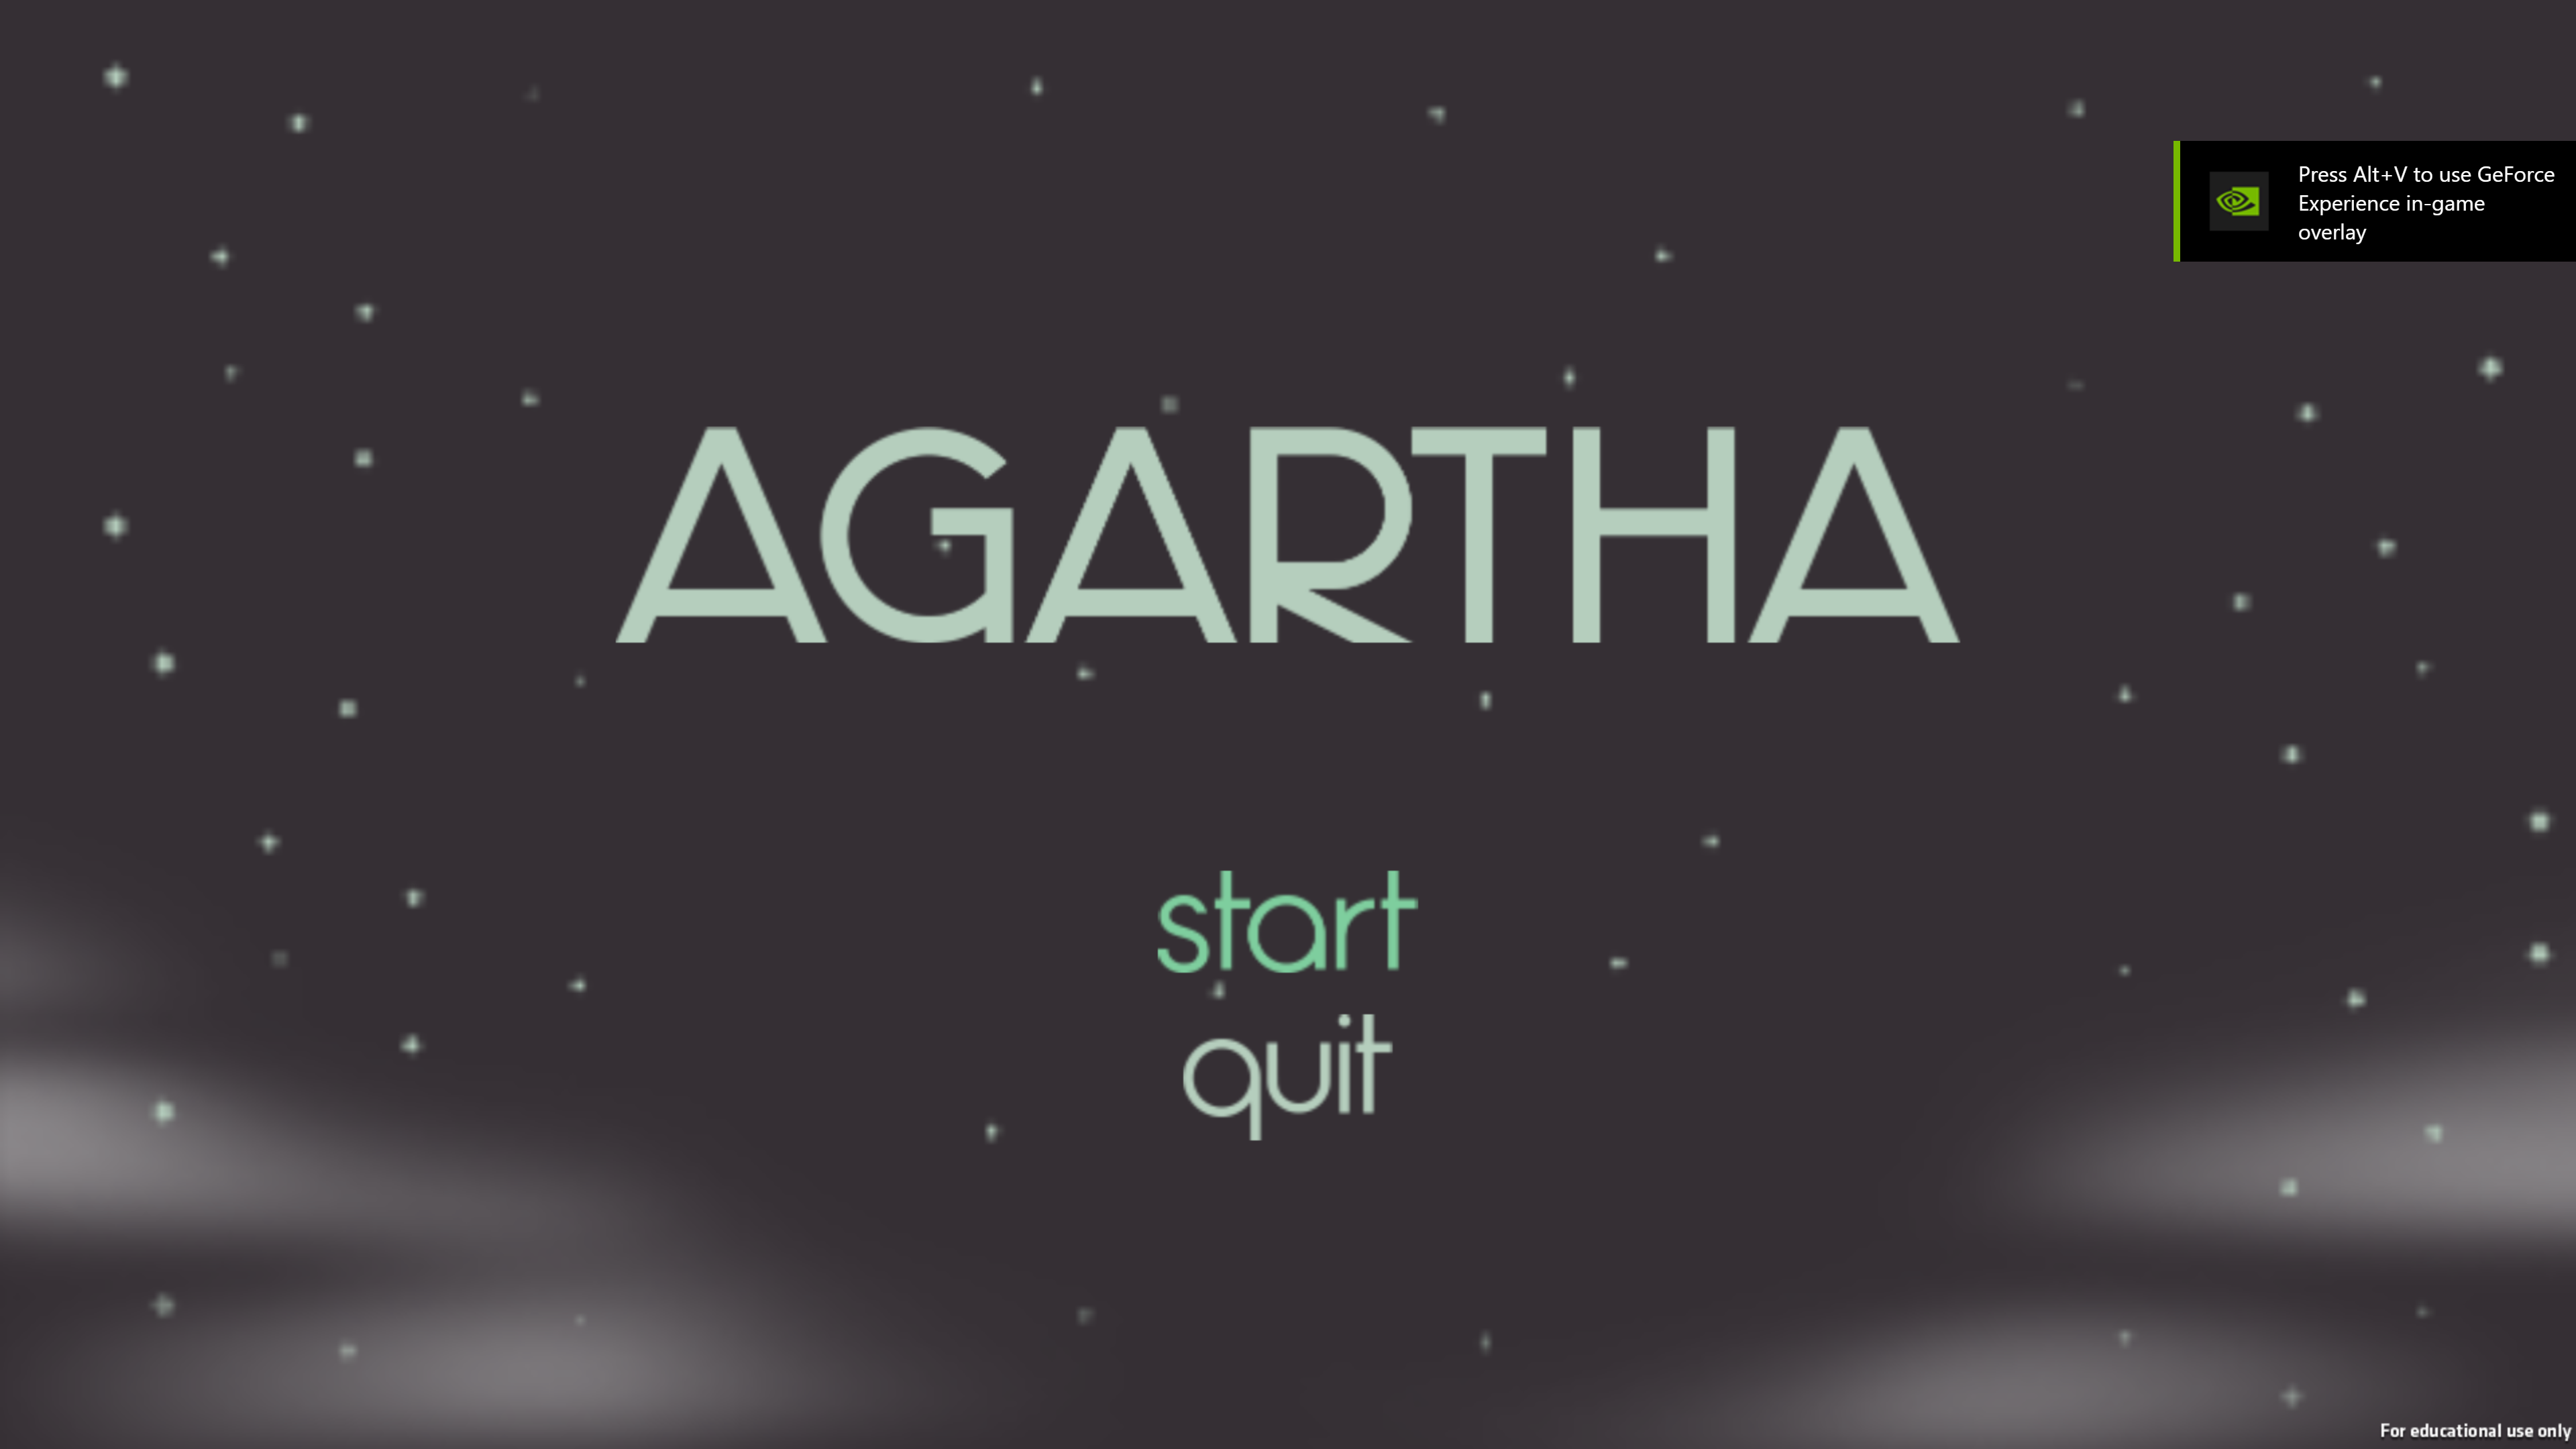 AGARTHA